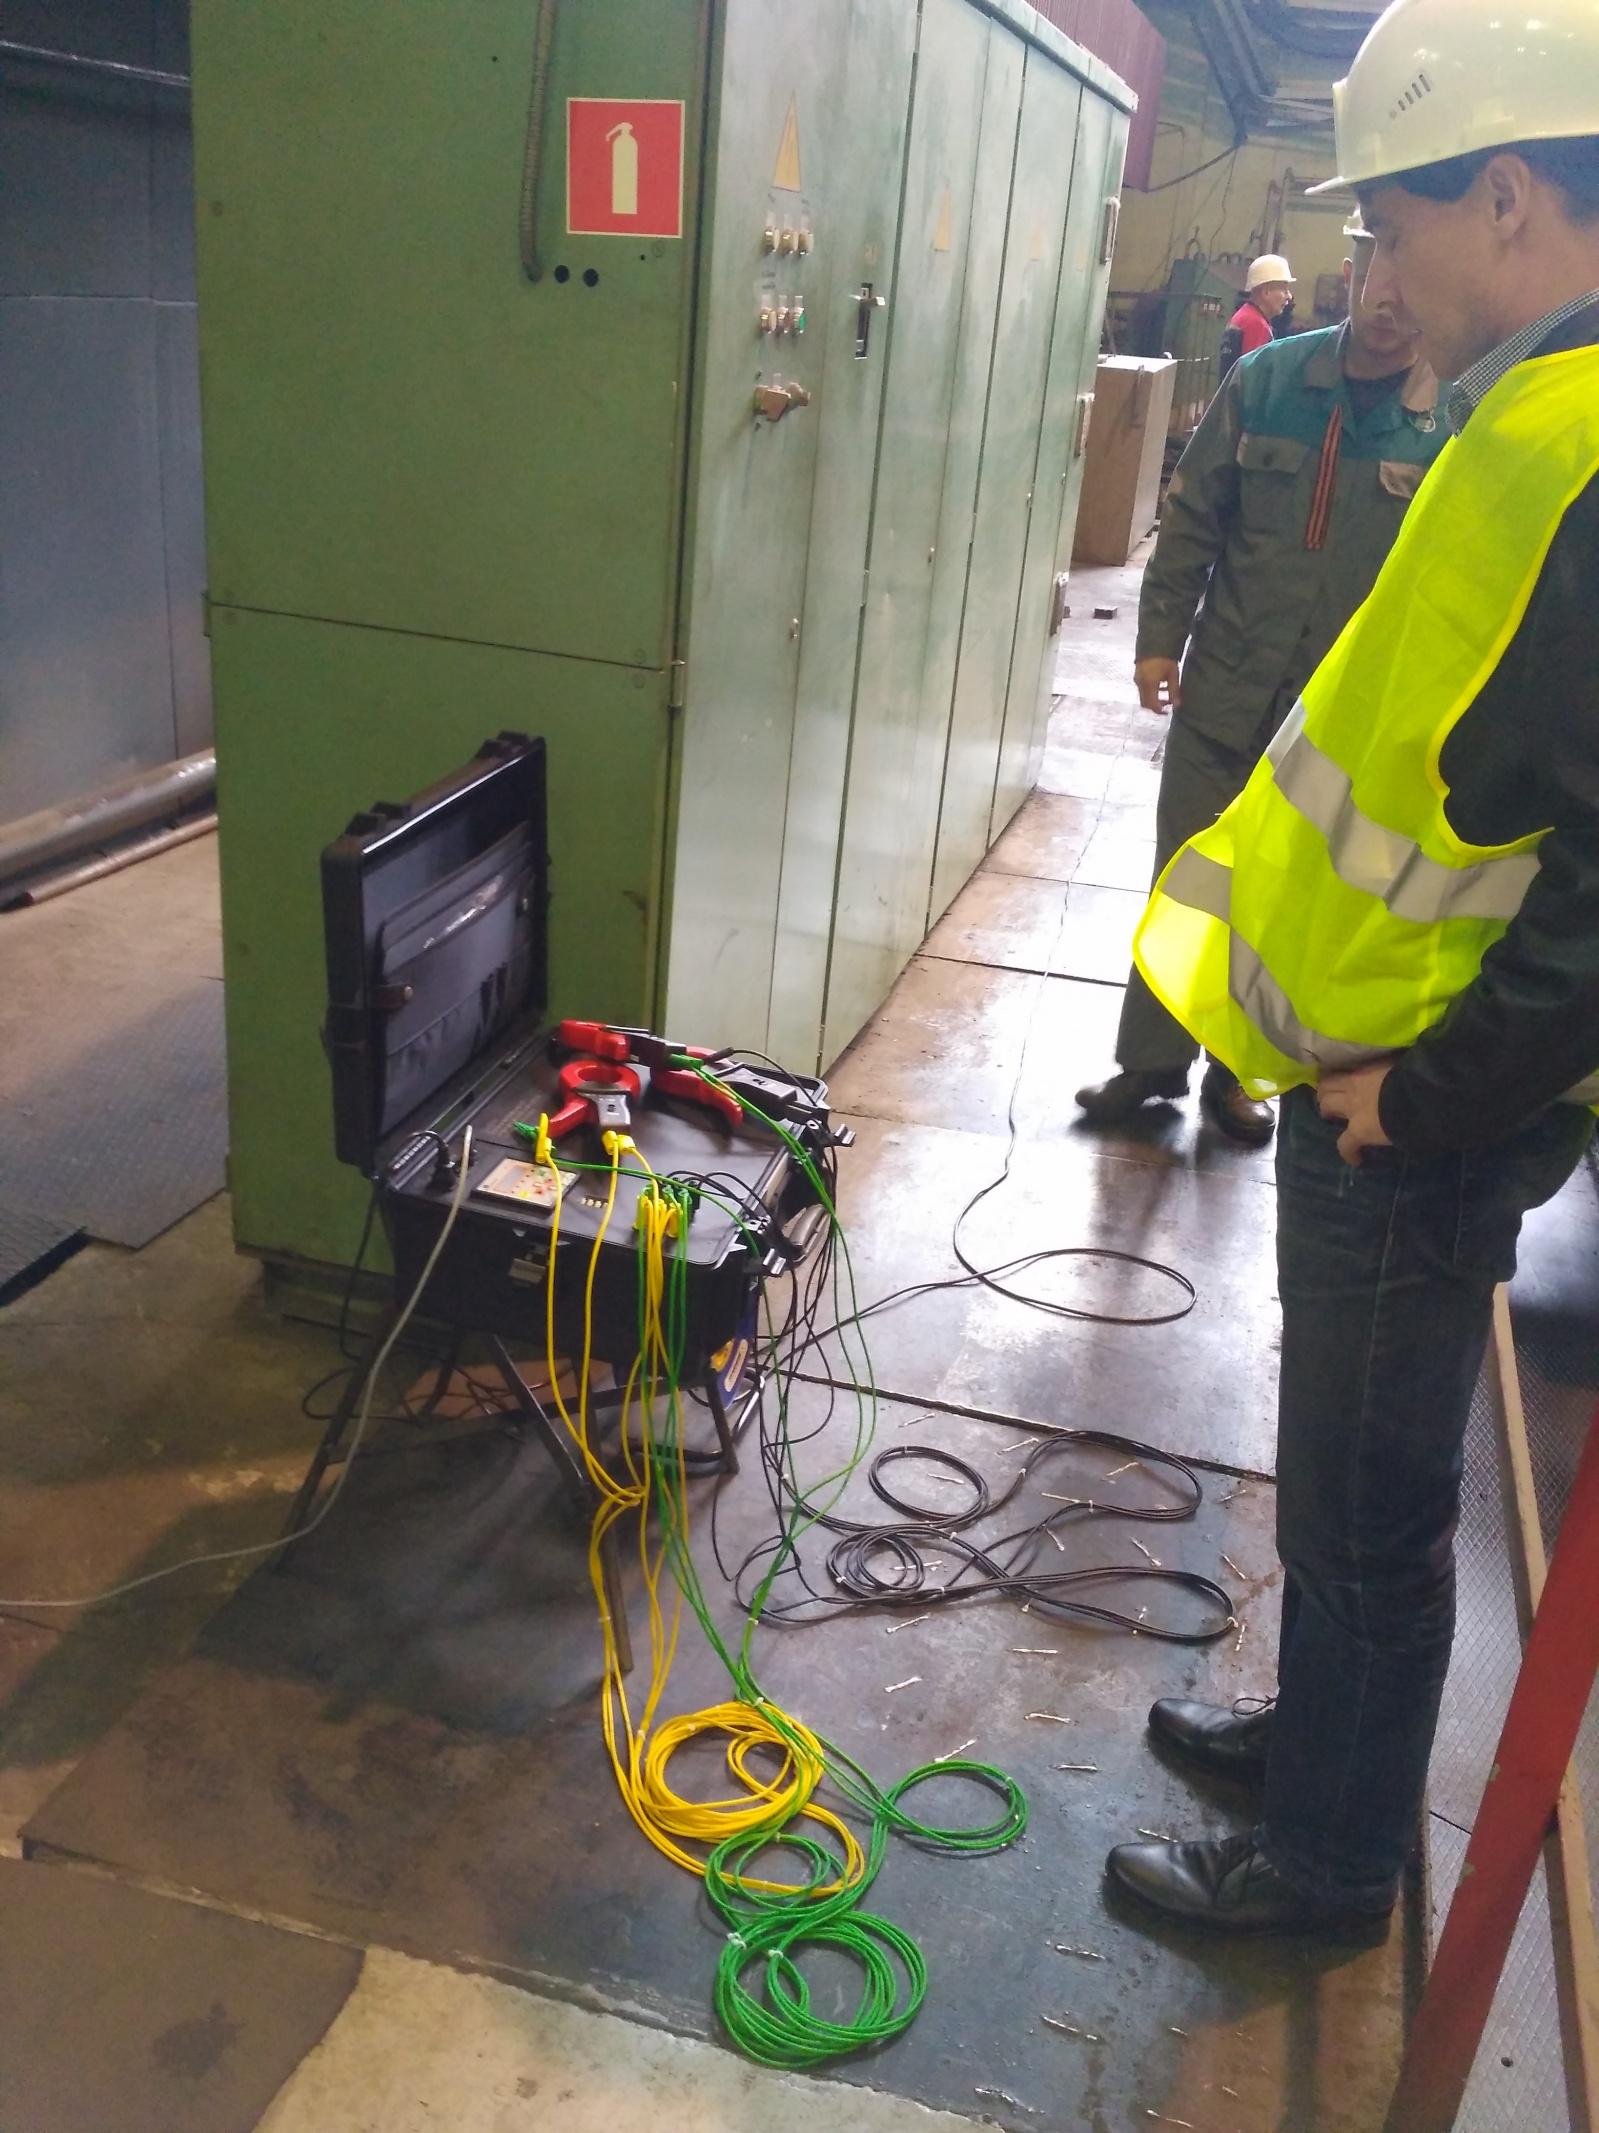 Диагностика промышленных электродвигателей и генераторов по спектру потребляемого тока и предотвращение аварий - 1